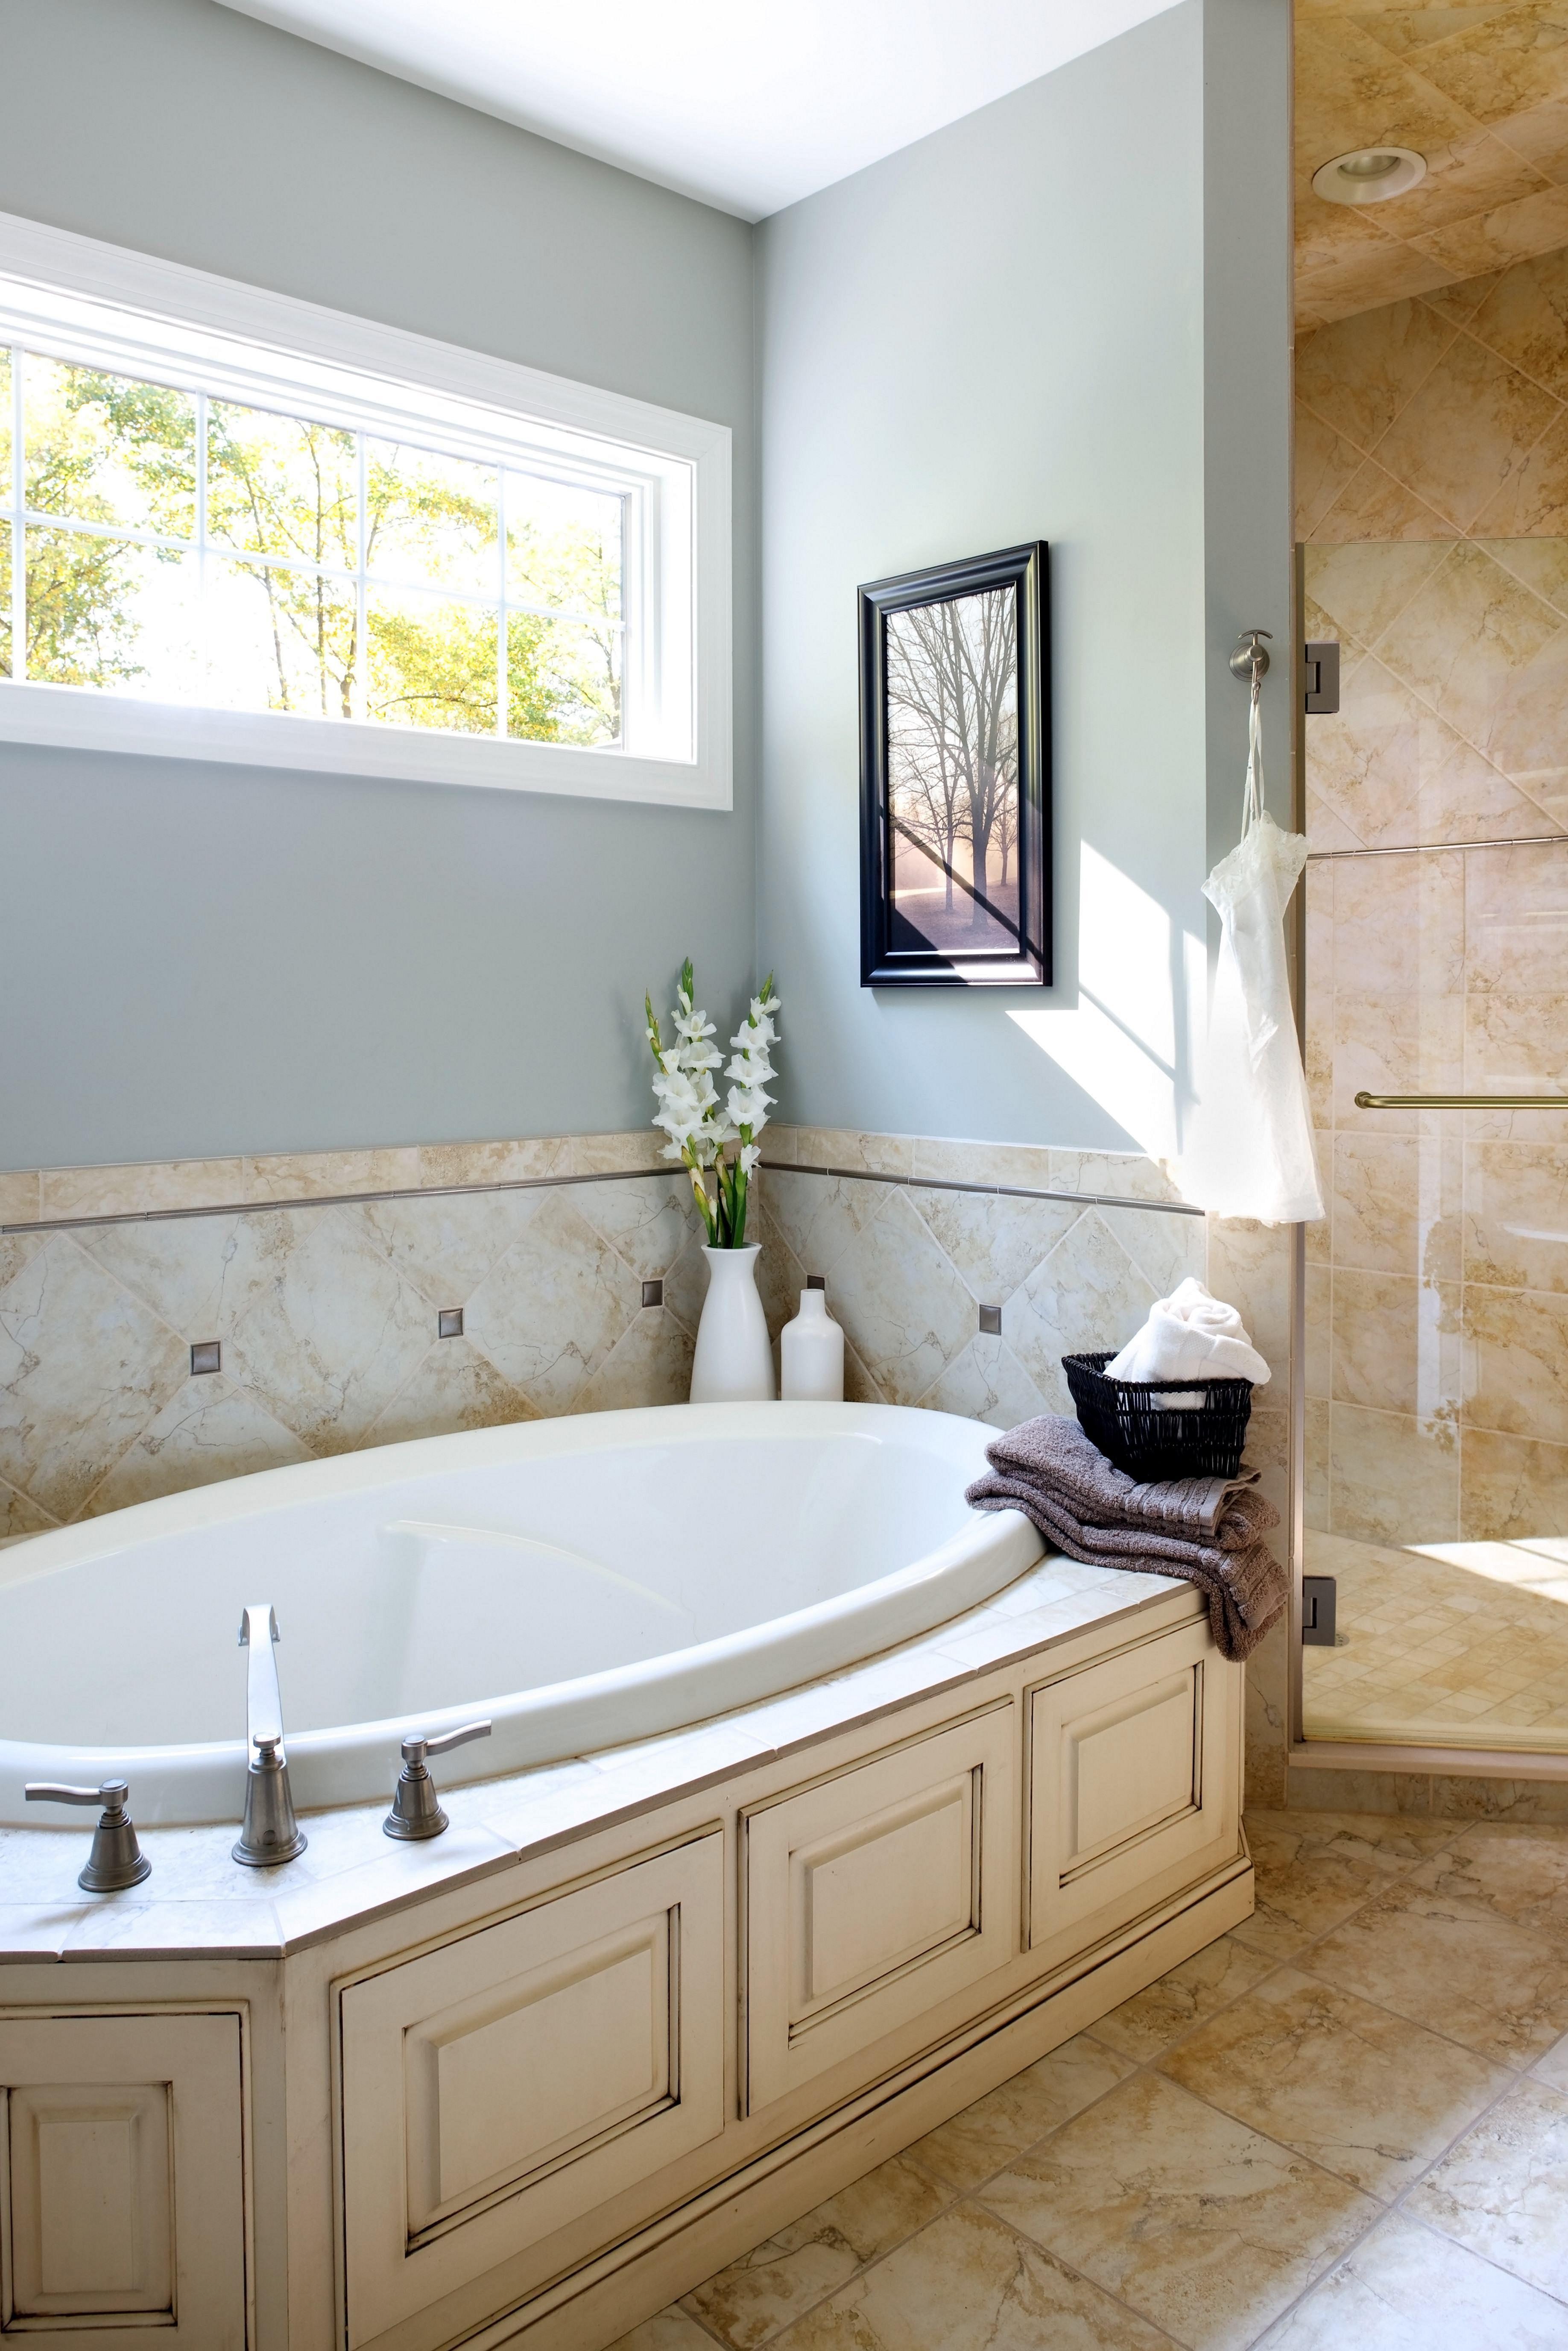 The Best 8 Bathroom Ventilation Design For Your Bathroom At Home Https Decoor Net 8 Bathroom Ven Ventilation Design Bathroom Ventilation Traditional Bathroom